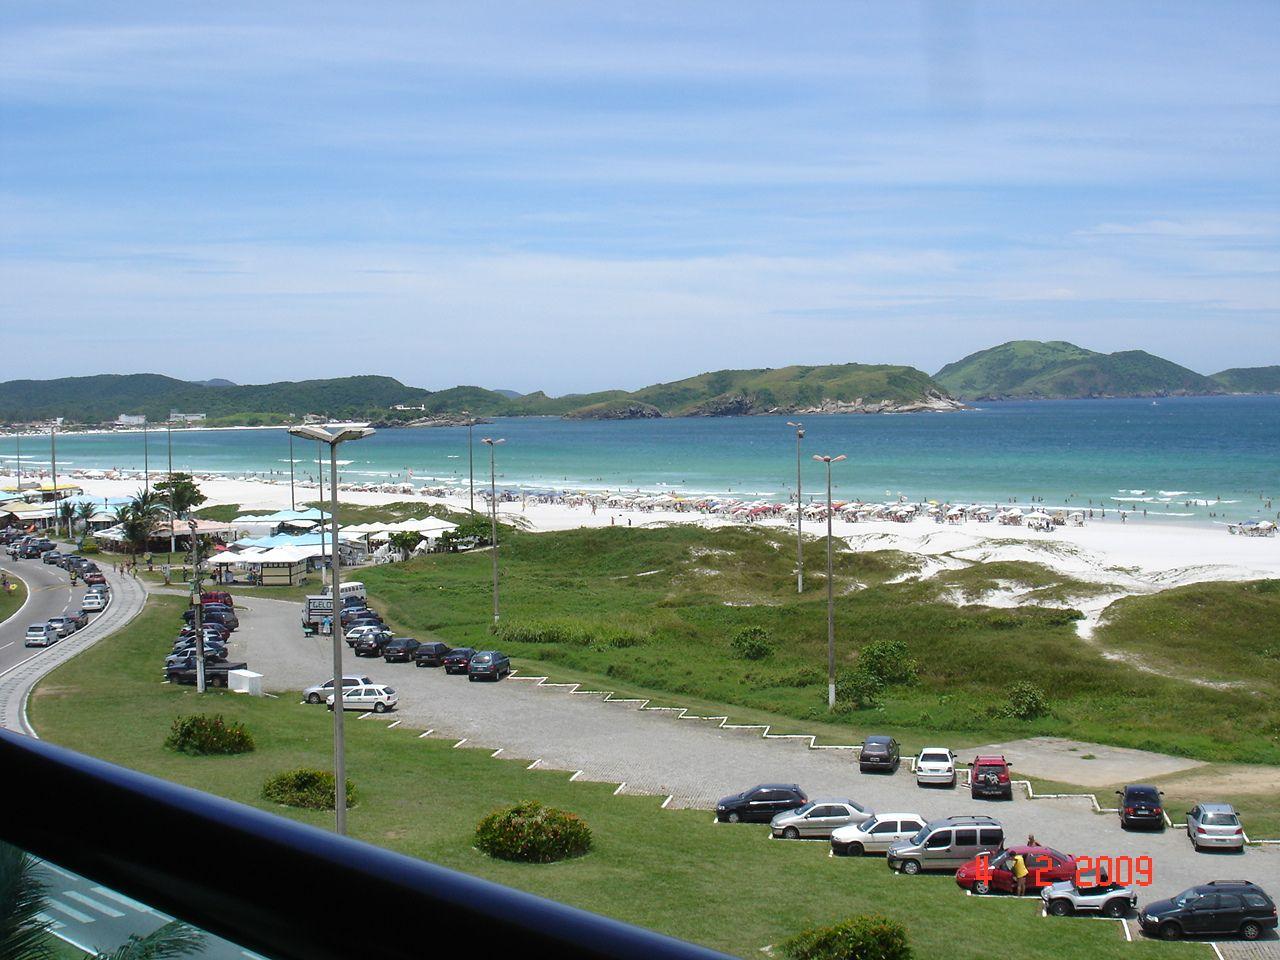 2º Férias em Cabo Frio (RJ) é o local onde o carro vai sozinho, minto, o GPS também, meus filhos amam e lá compartilhamos momentos inesquecível, como pegar a primeira onda sozinho, neste caso o meu filho Enzo. E o nascer do Sol é de tirar o fôlego